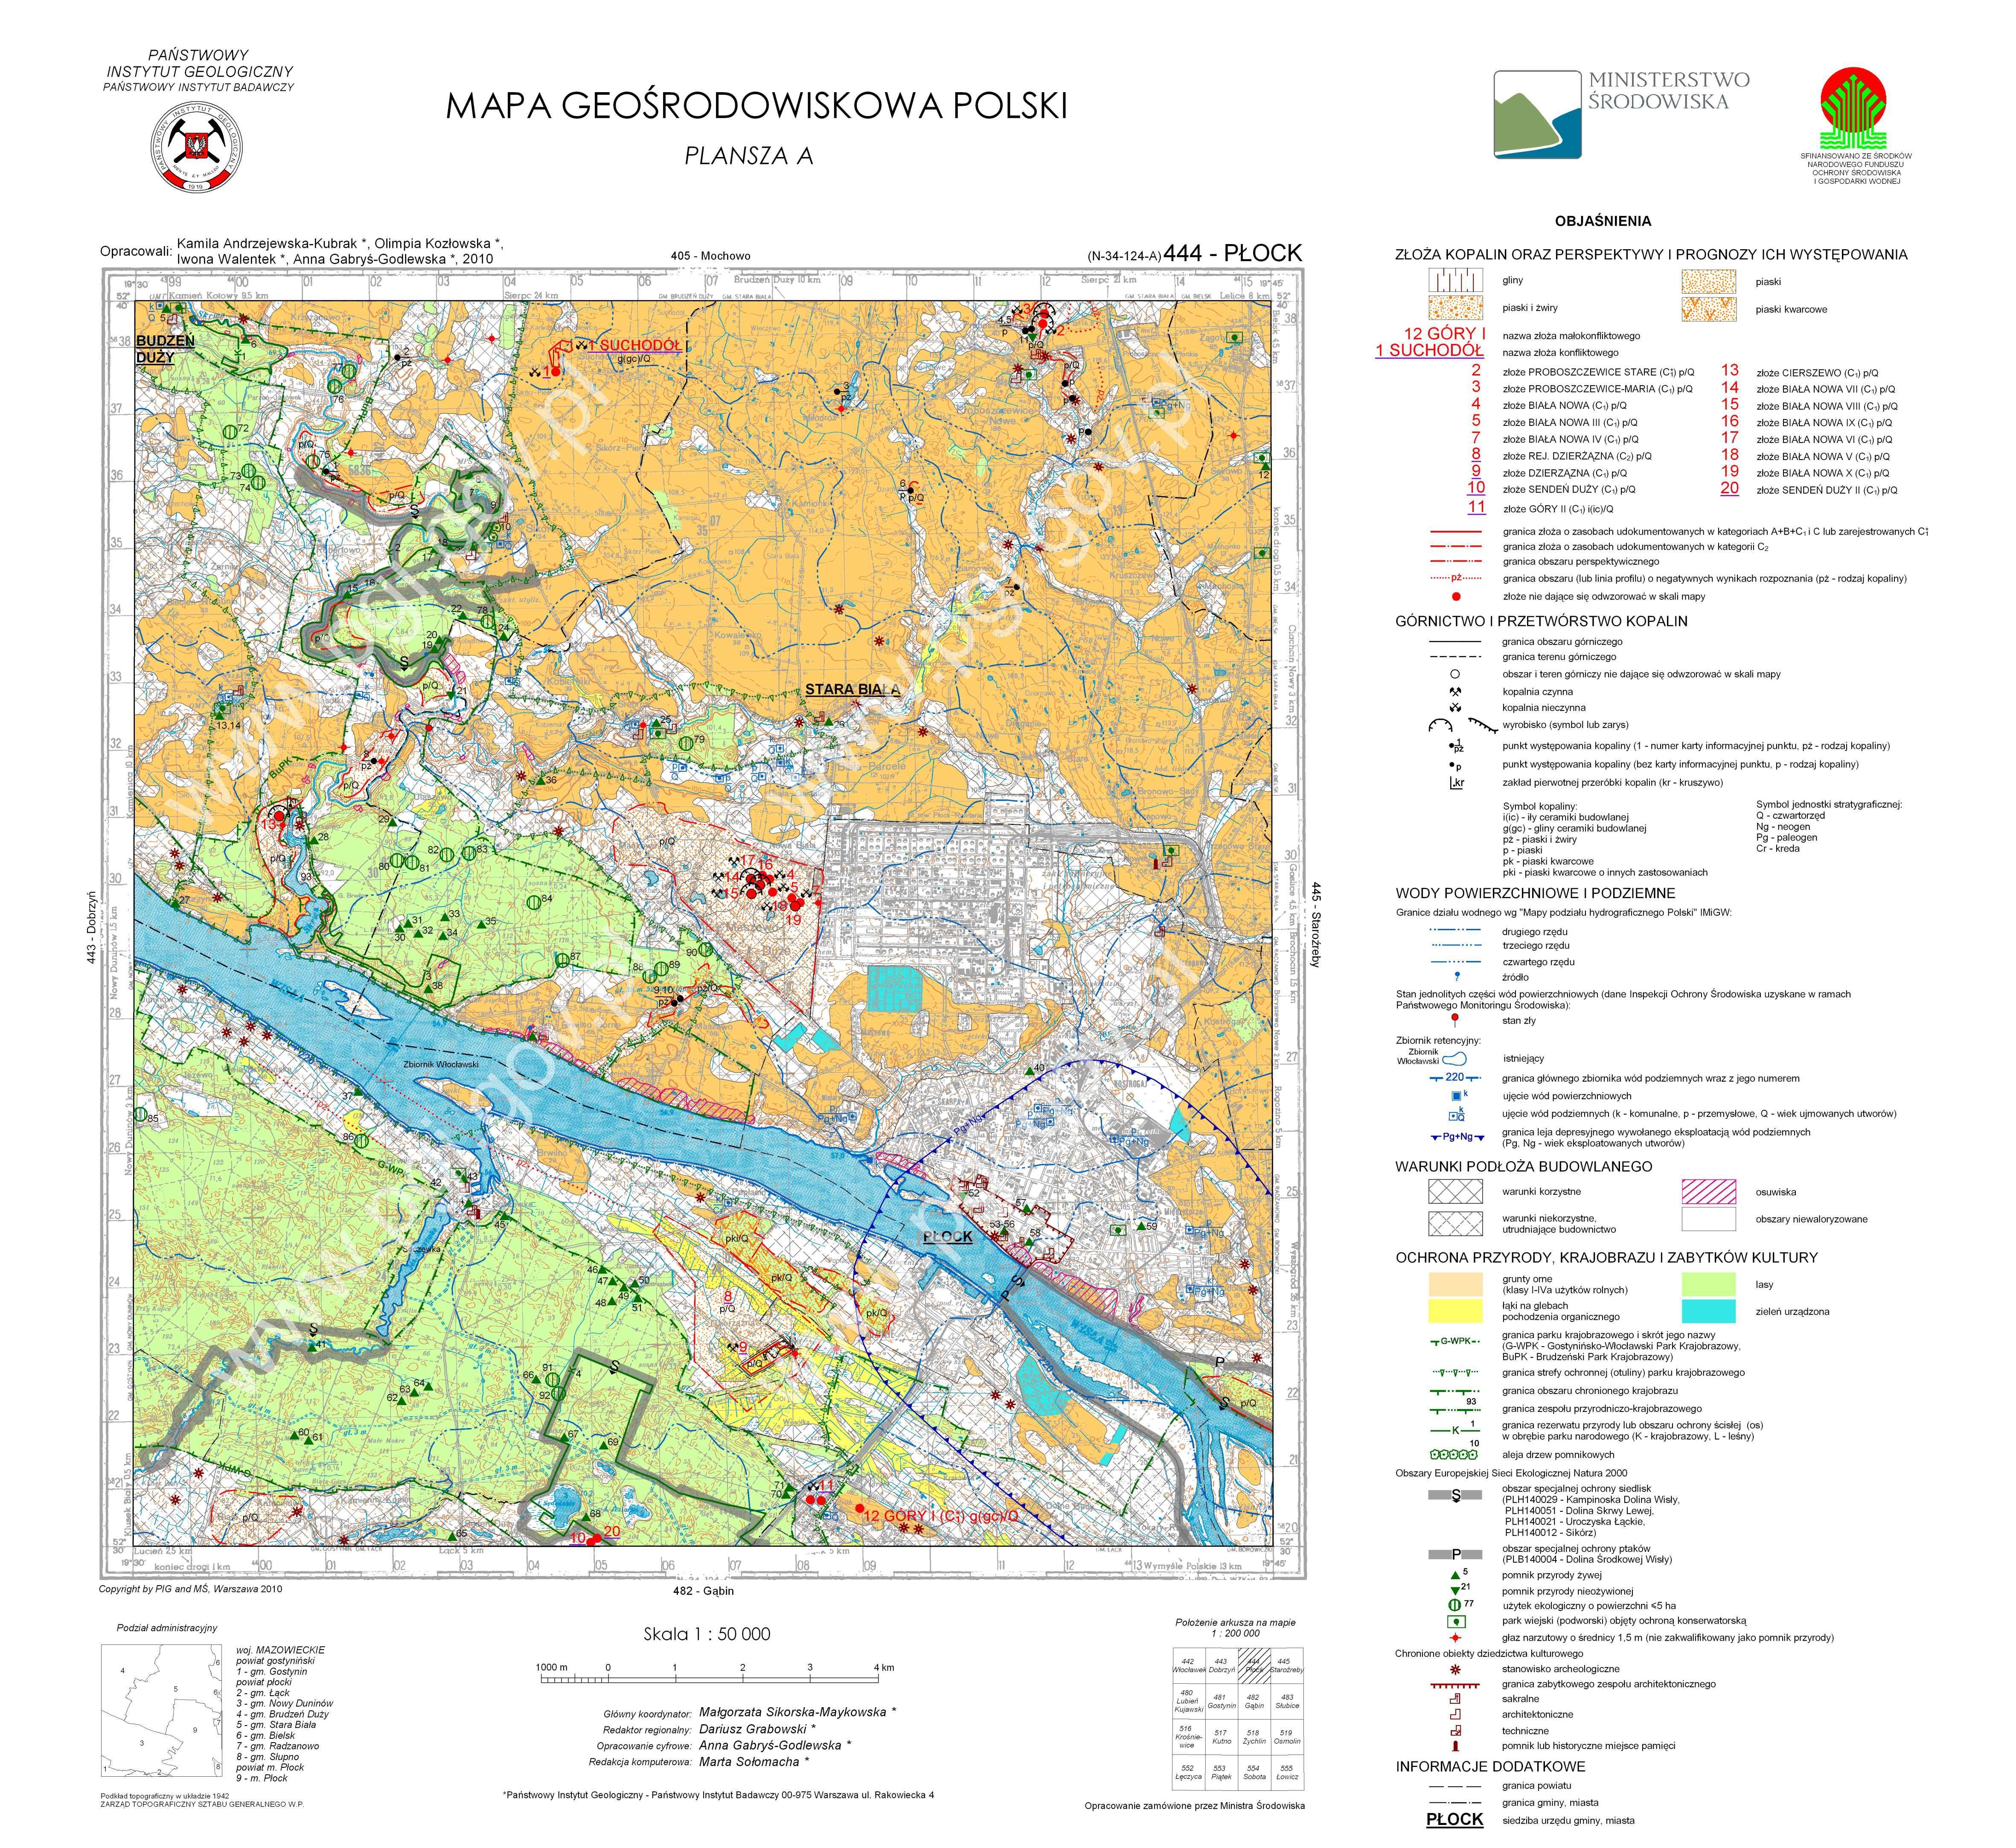 Mapa Geosrodowiskowa Polski 1 50 000 Mgsp Plansza A Arkusz Plock